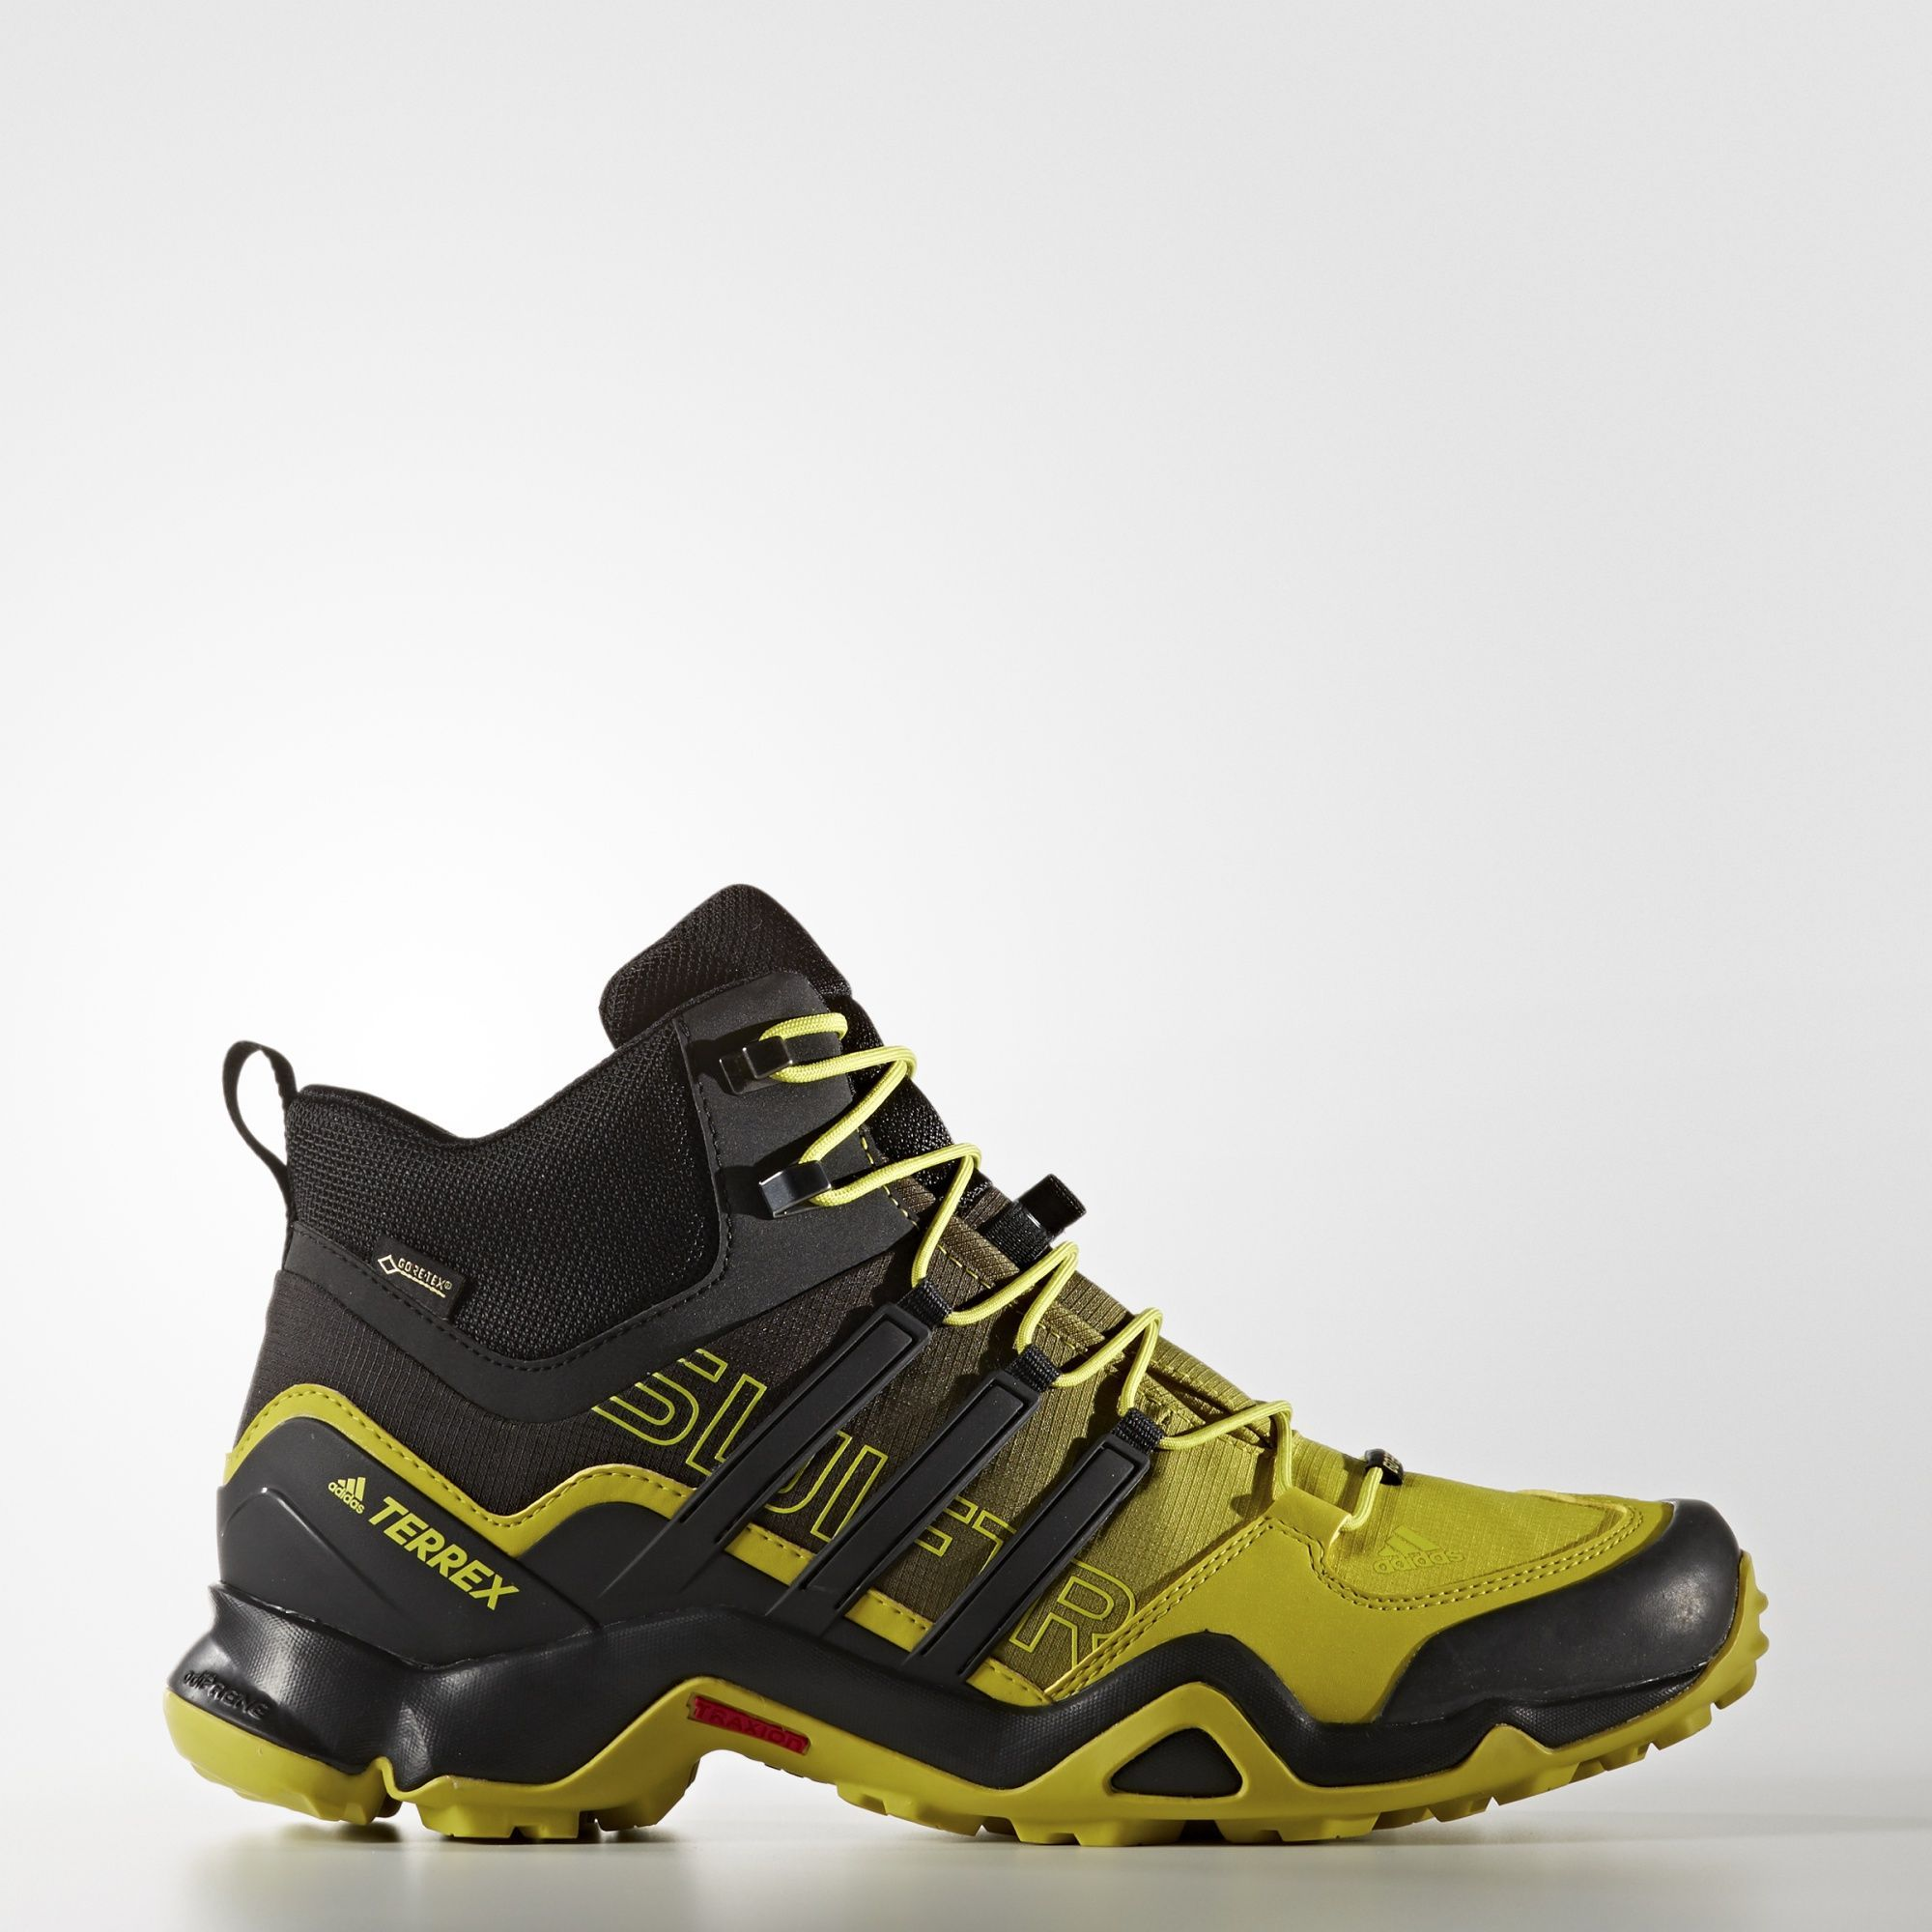 46e477fbb60e8 Diseñados para caminar sin problemas en terreno rocoso, estos tenis de  outdoor de corte medio